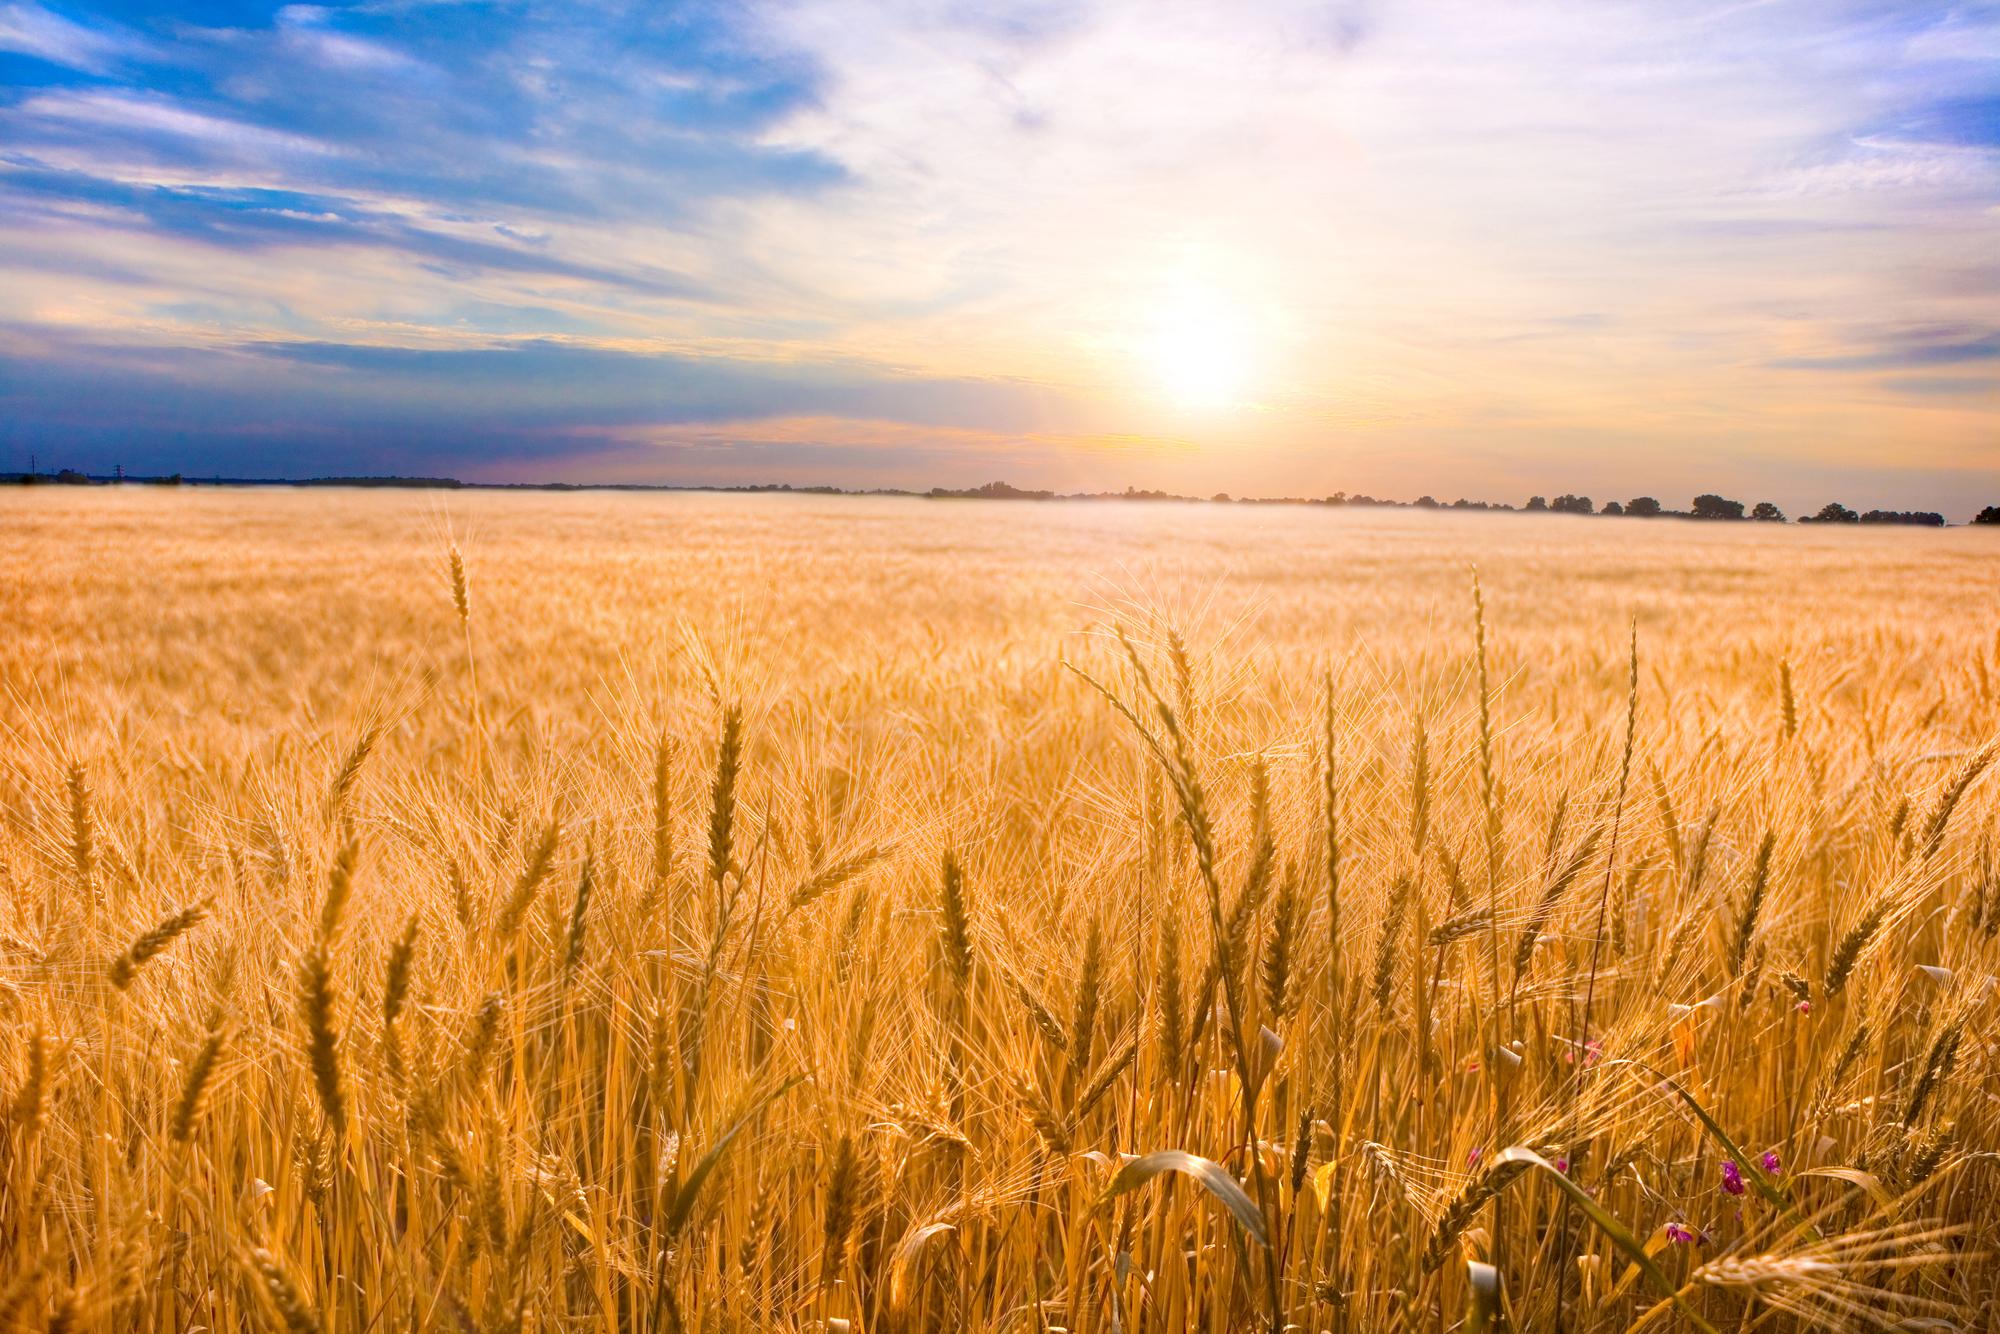 Golden wheat ready for harvest growing in a farm field under blu